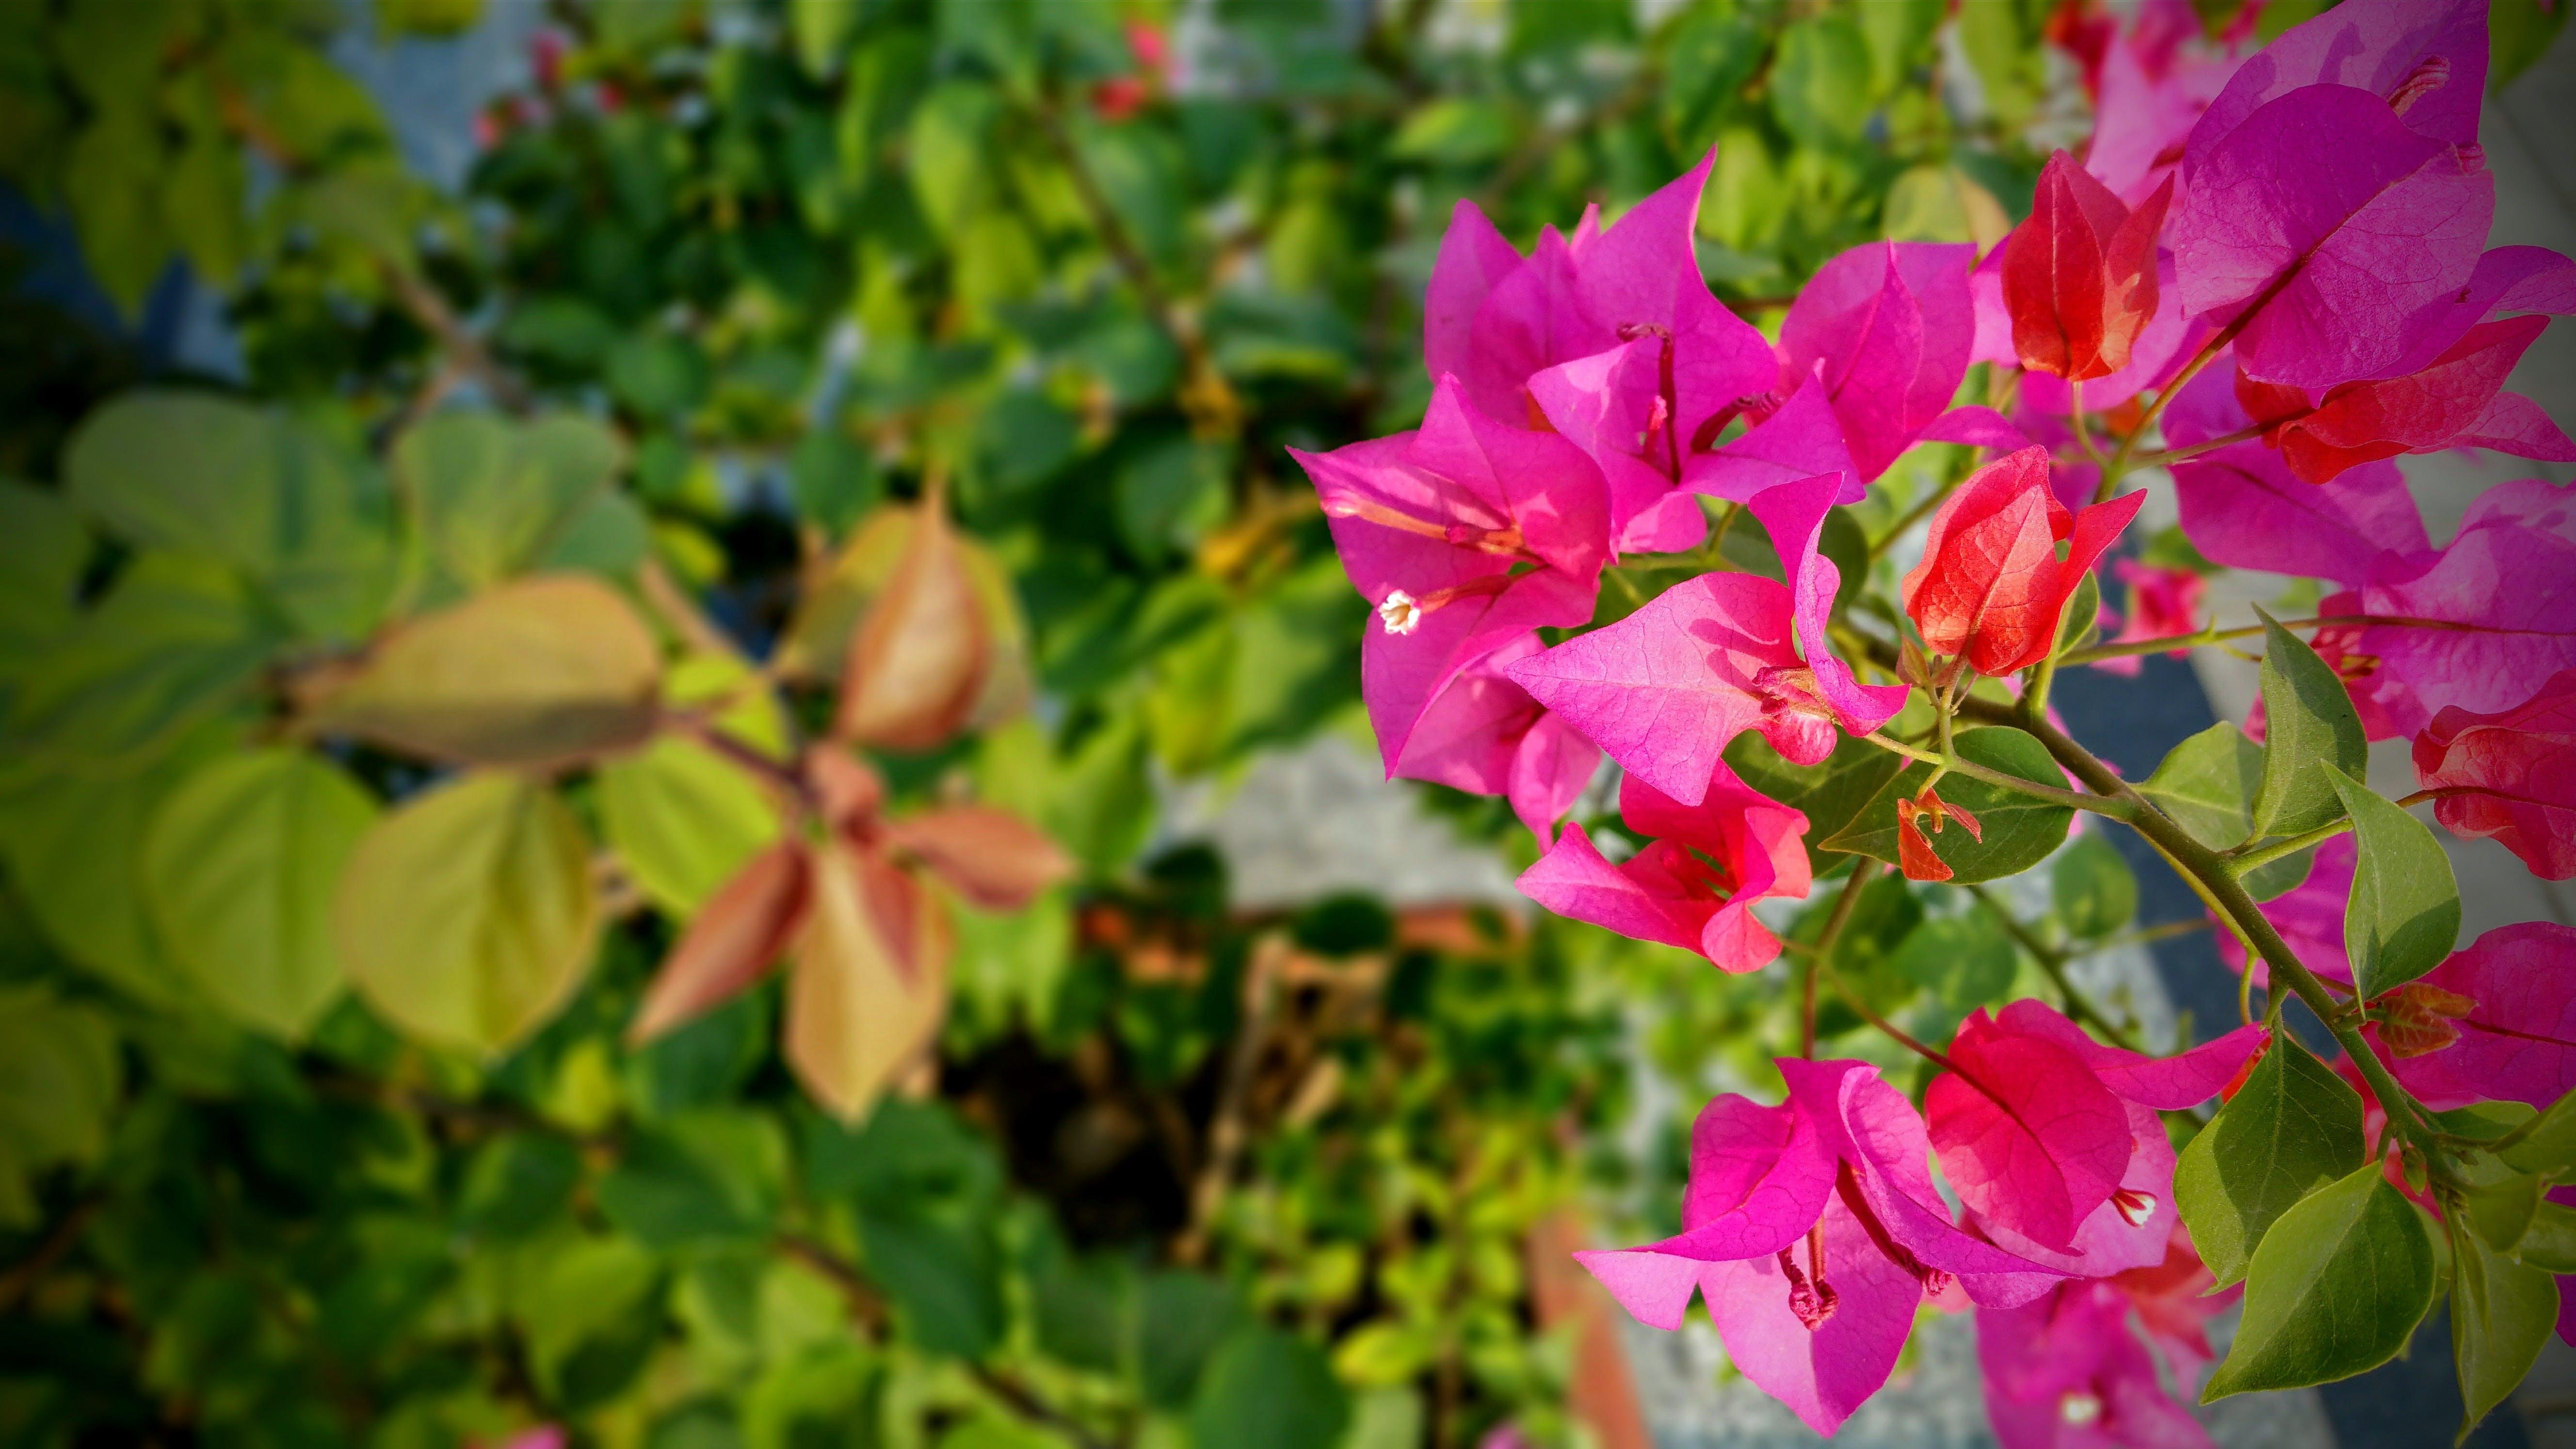 Kostenloses Stock Foto zu ast, blätter, blühen, blühende pflanze